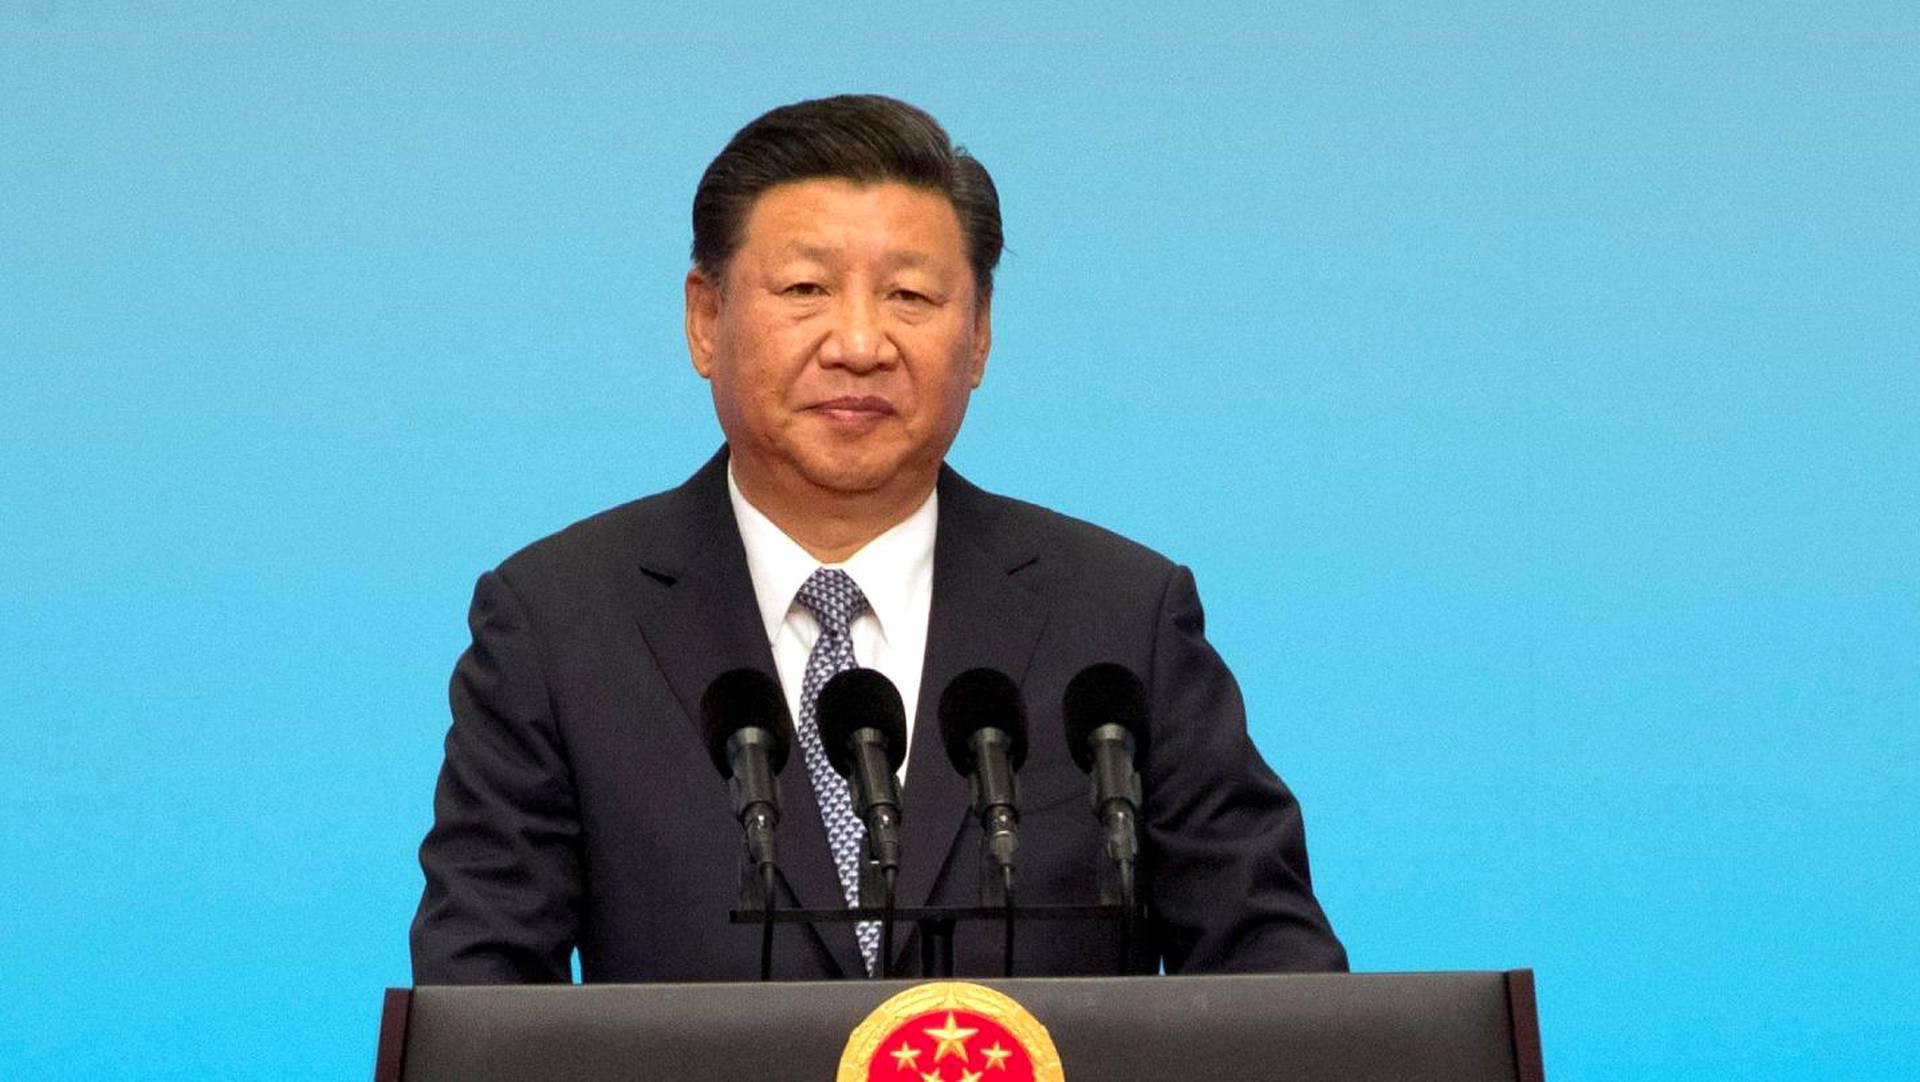 Kiinan Presidentti